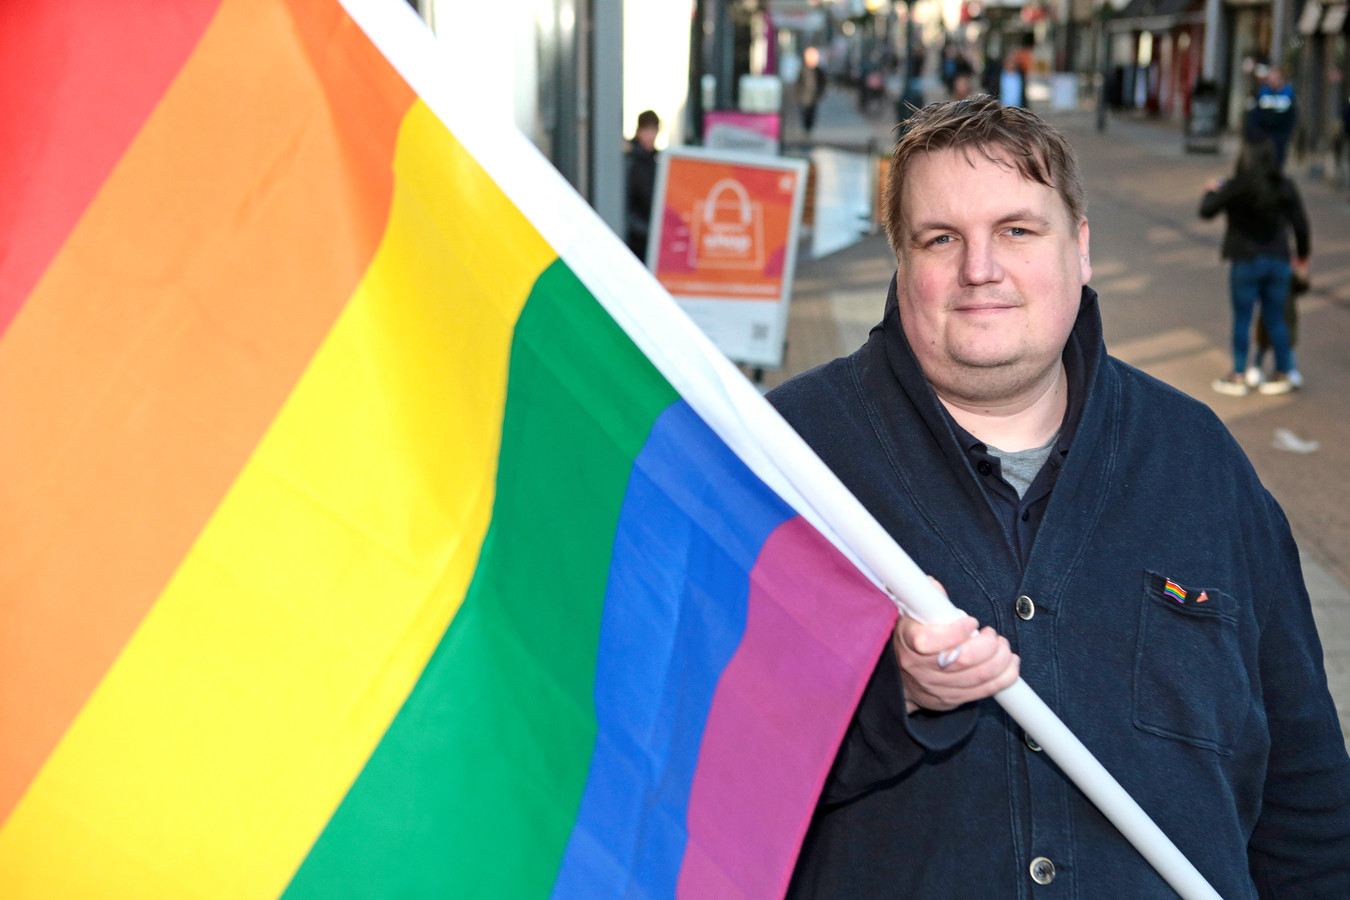 Maarten Venhovens van COC regio Gorinchem wil een plek voor leerlingen van het Gomarus waar ze terecht kunnen als ze worstelen met vragen over homoseksualiteit.